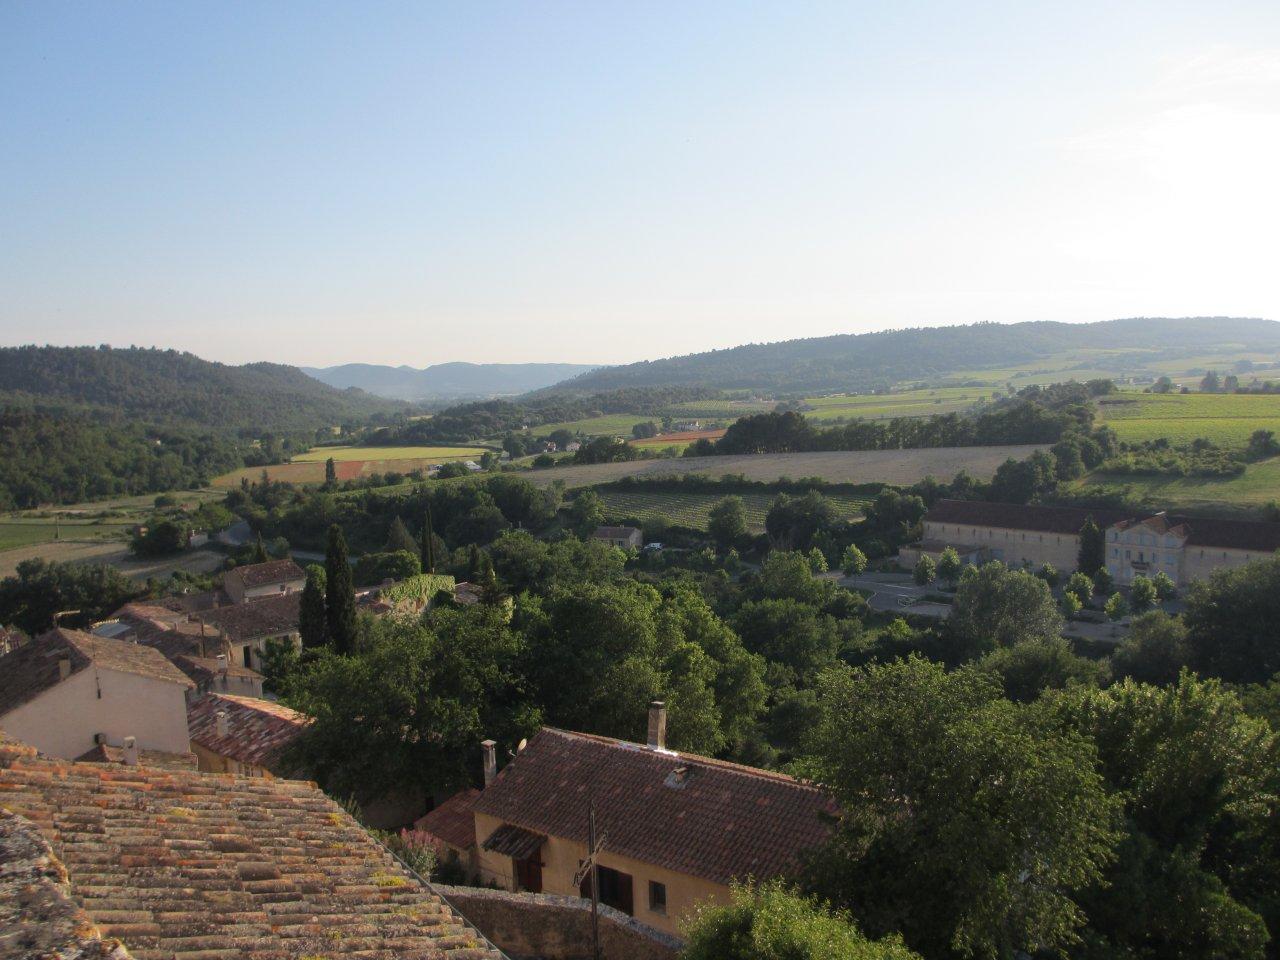 2012-05-26-20-37h-frankreich-provence-hochzeitsreise-353